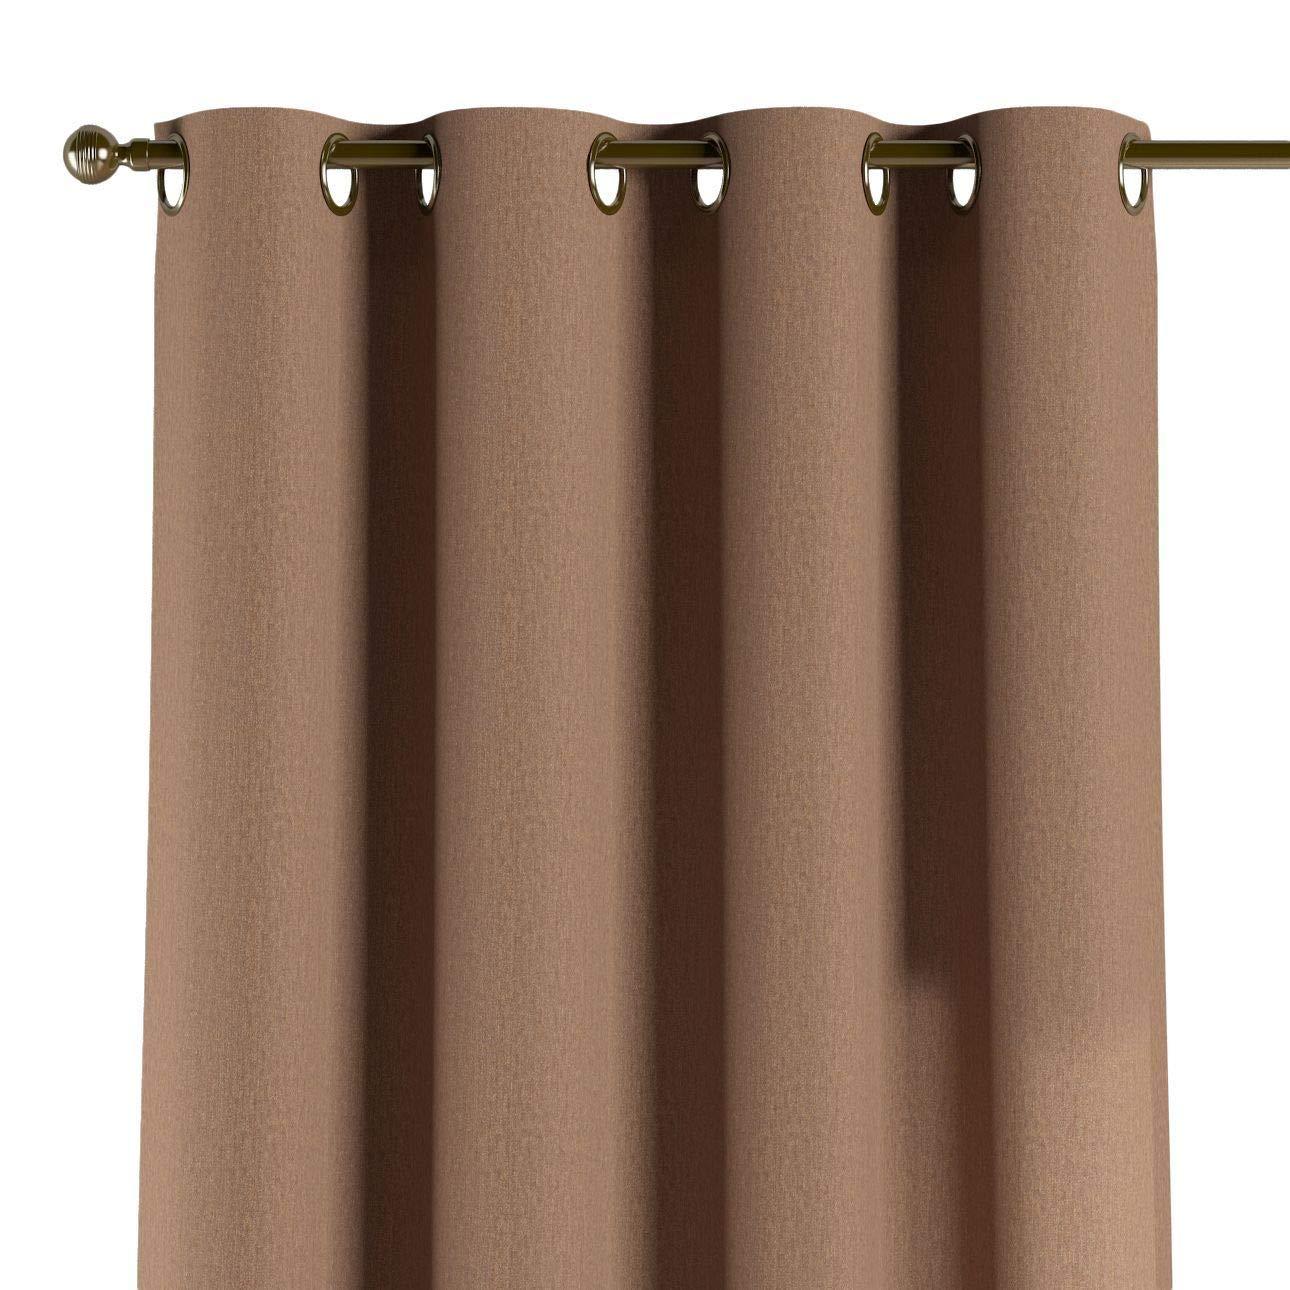 Dekoria Ösenschal Dekoschal Blickdicht 1 Stck. 130 × 260 cm Caffe Latte Maßanfertigung möglich